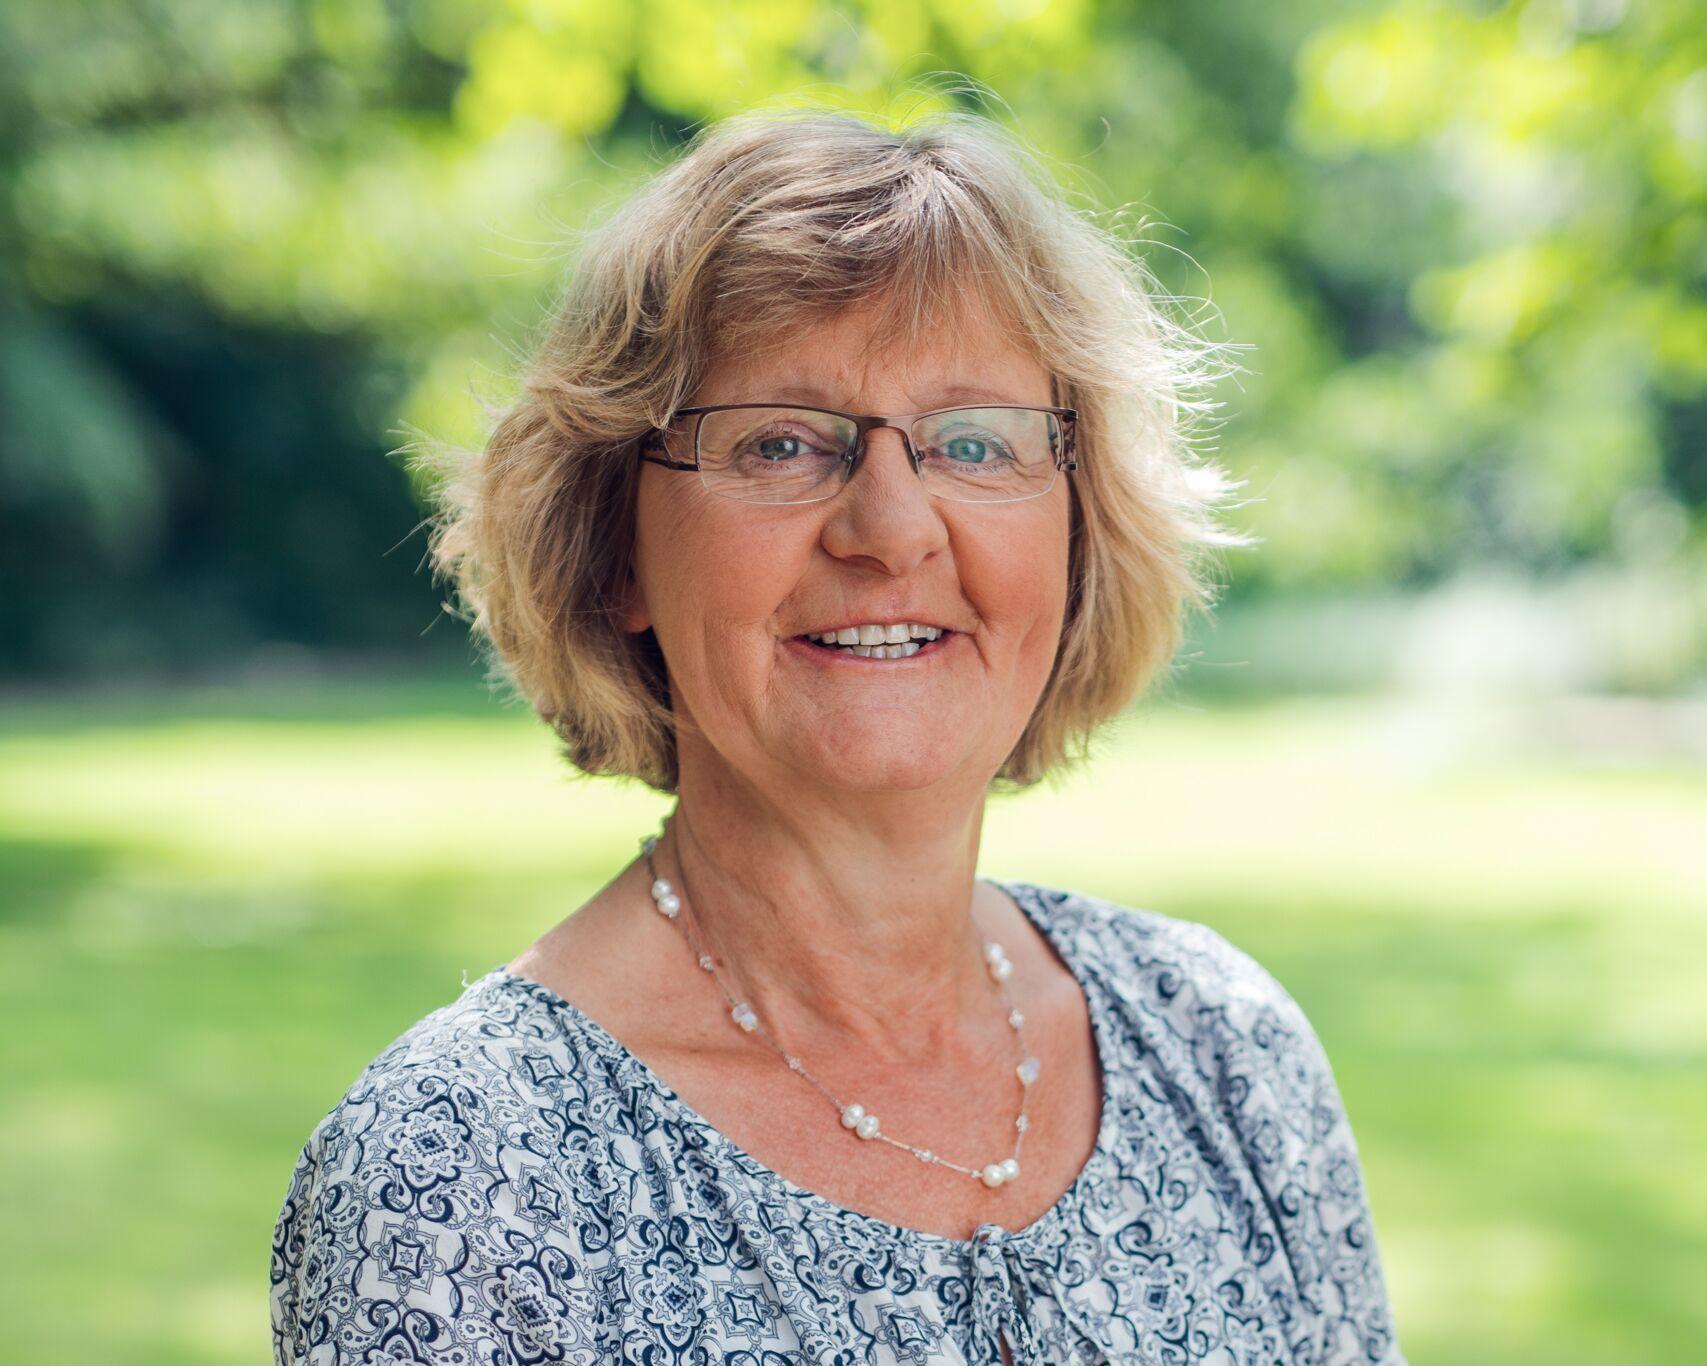 Mechthild Terhorst